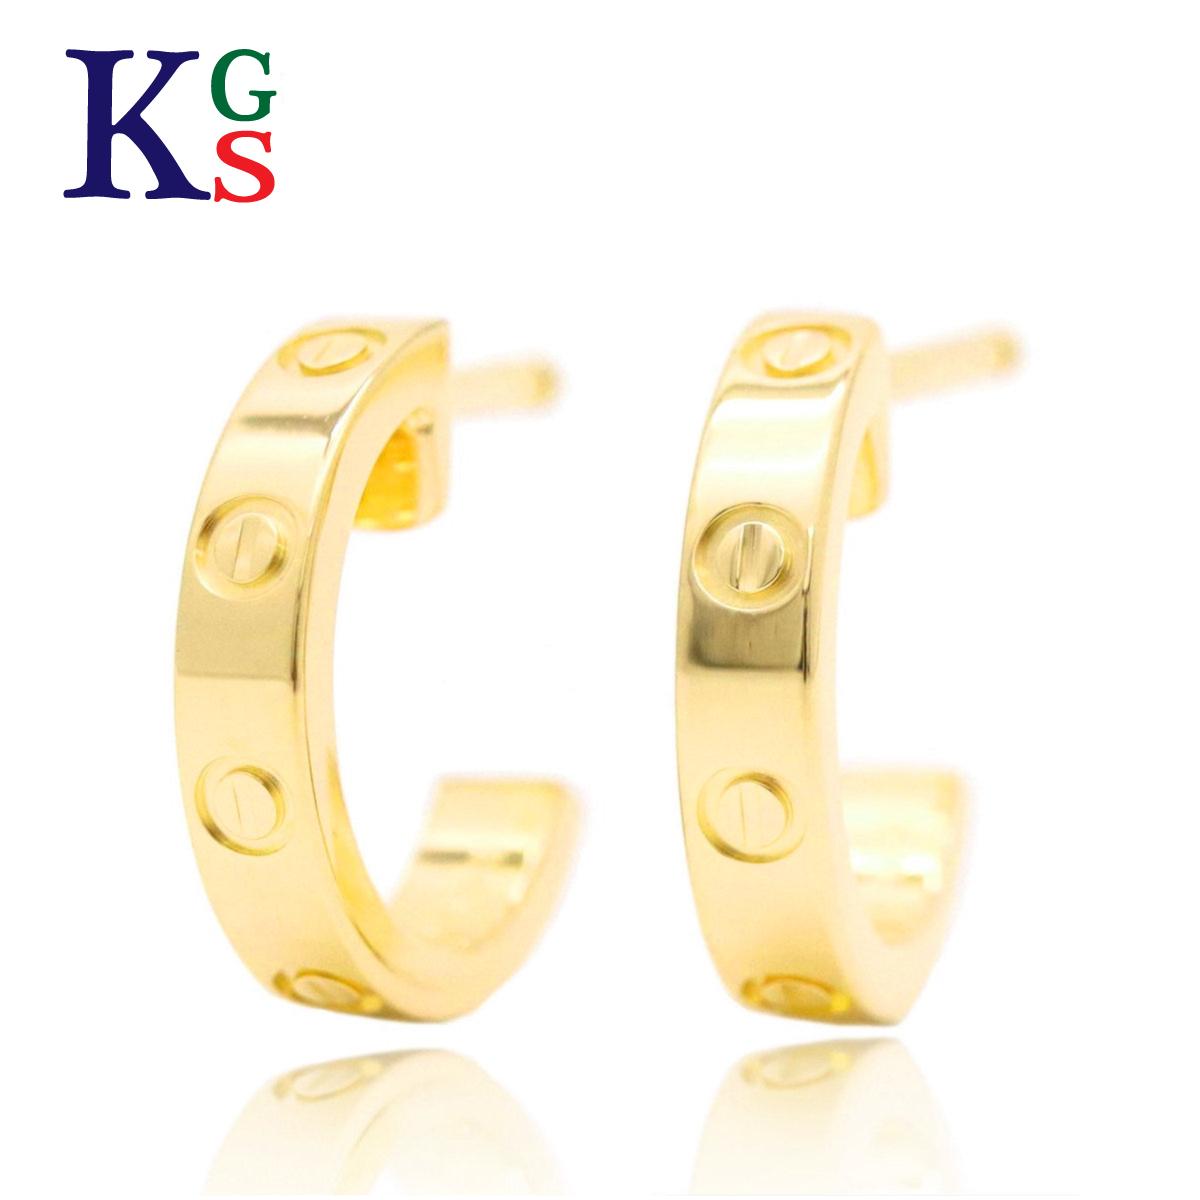 【ギフト品質】カルティエ/Cartier レディース ジュエリー LOVE ラブピアス K18YG イエローゴールド